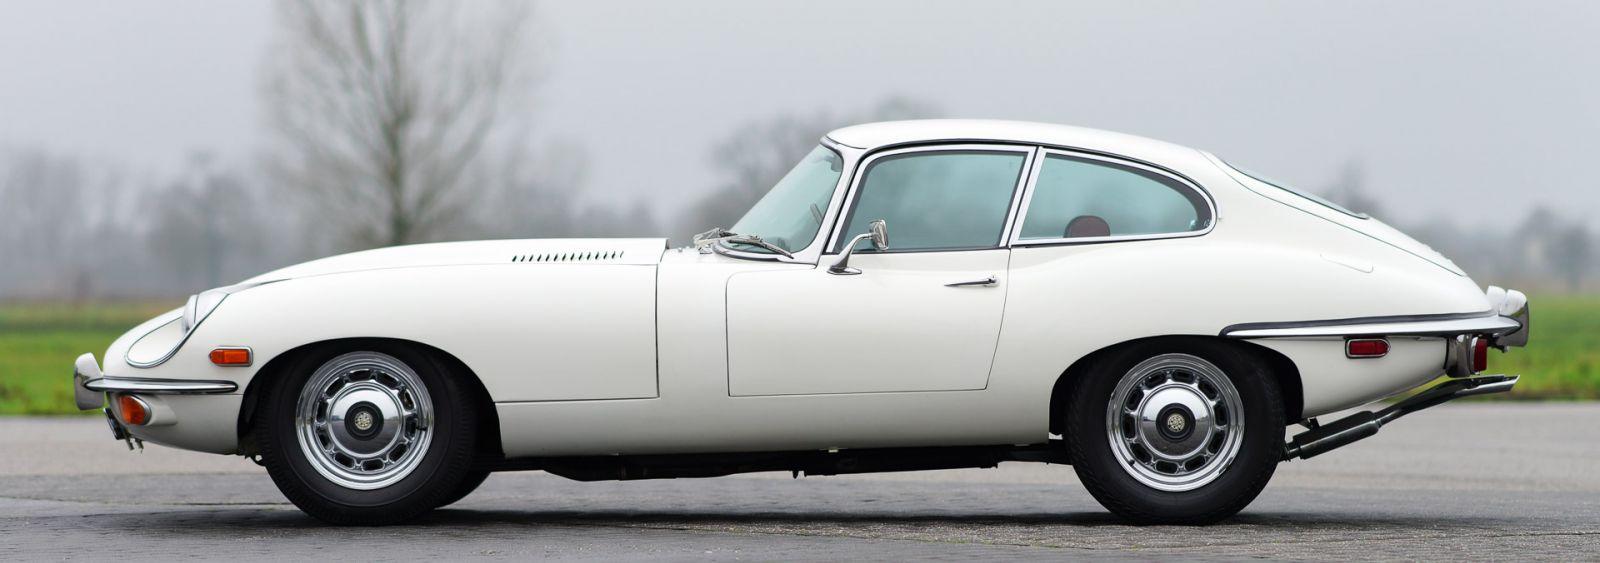 Jaguar E Type 4.2 Litre FHC S2, 1969